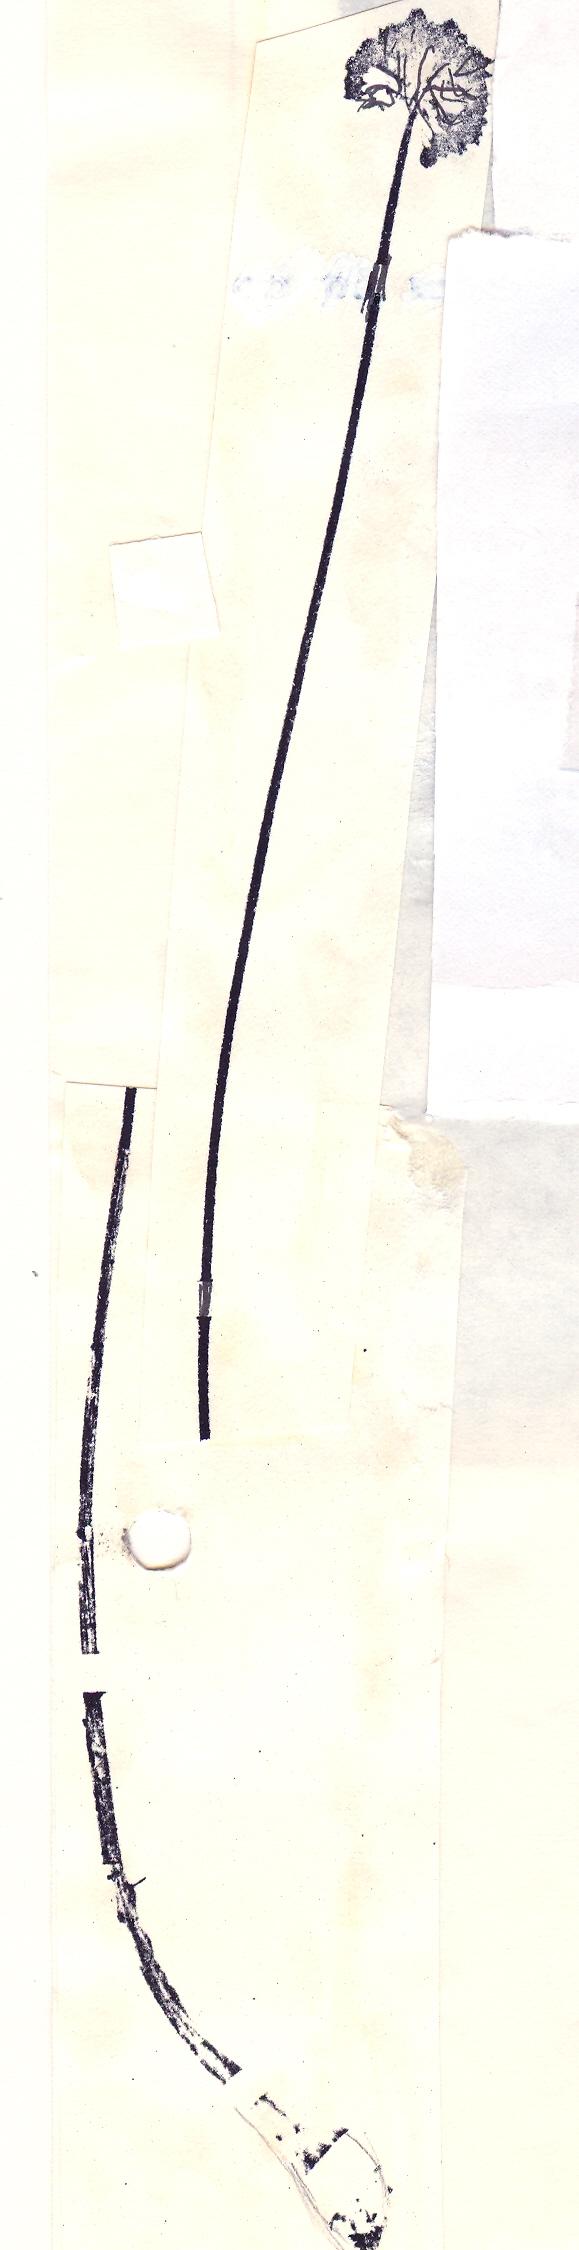 Allium%20scrobiculatum.jpg